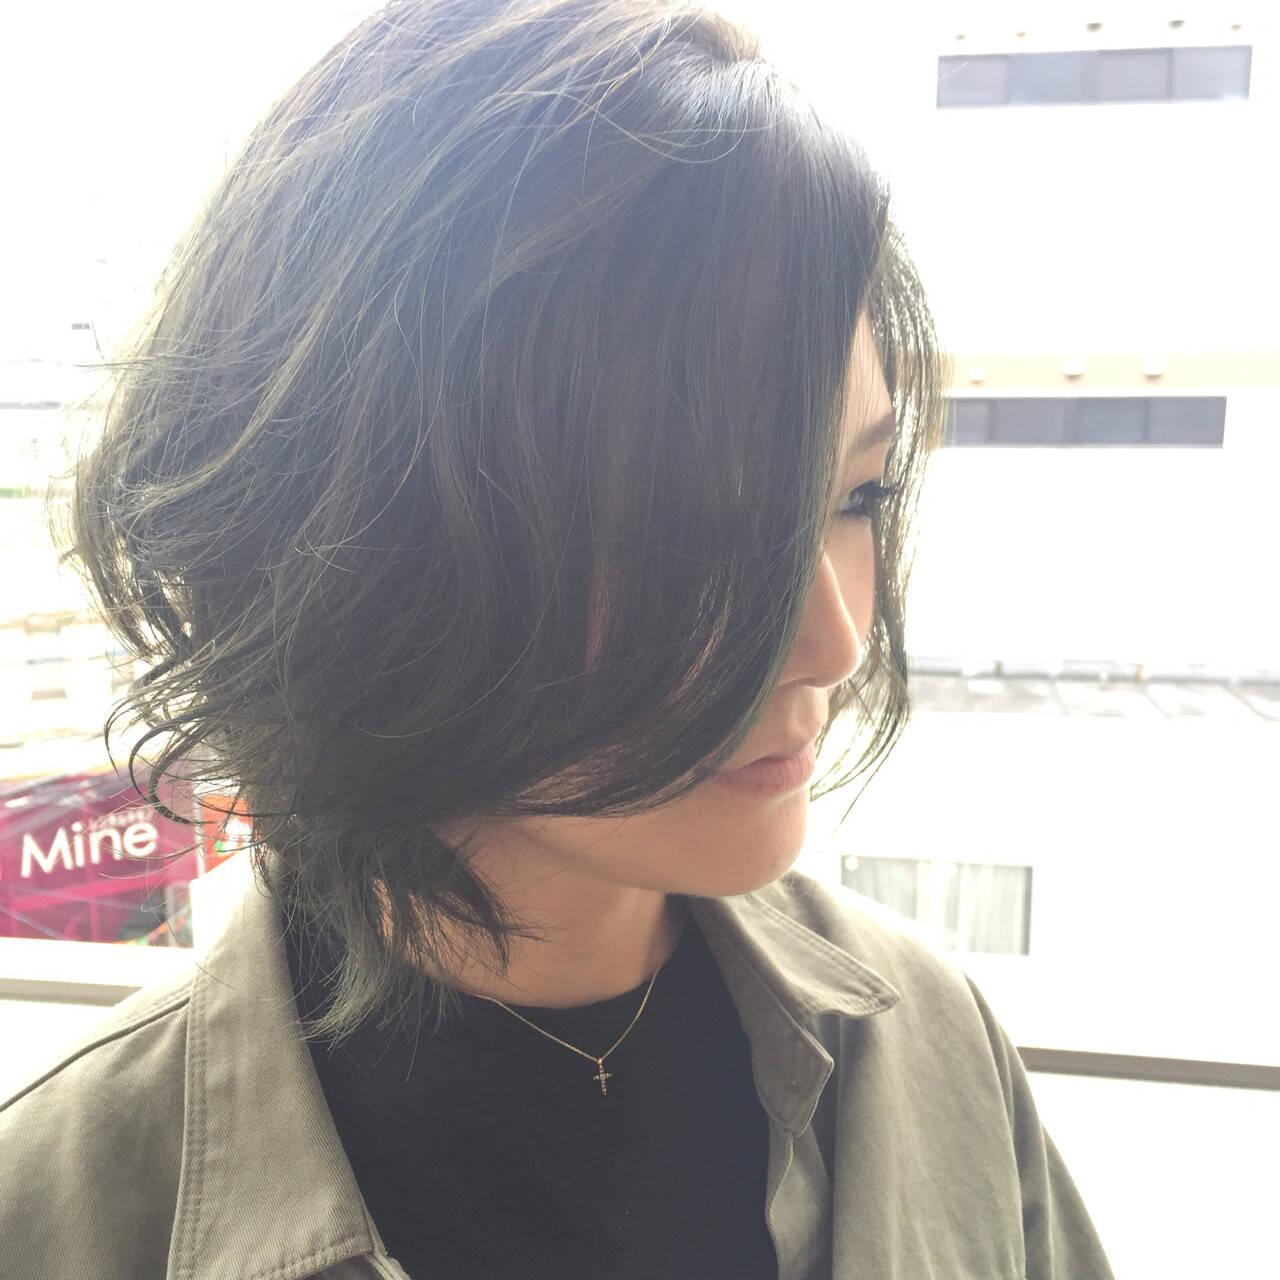 ボブ 暗髪 逆三角形 グラデーションカラーヘアスタイルや髪型の写真・画像